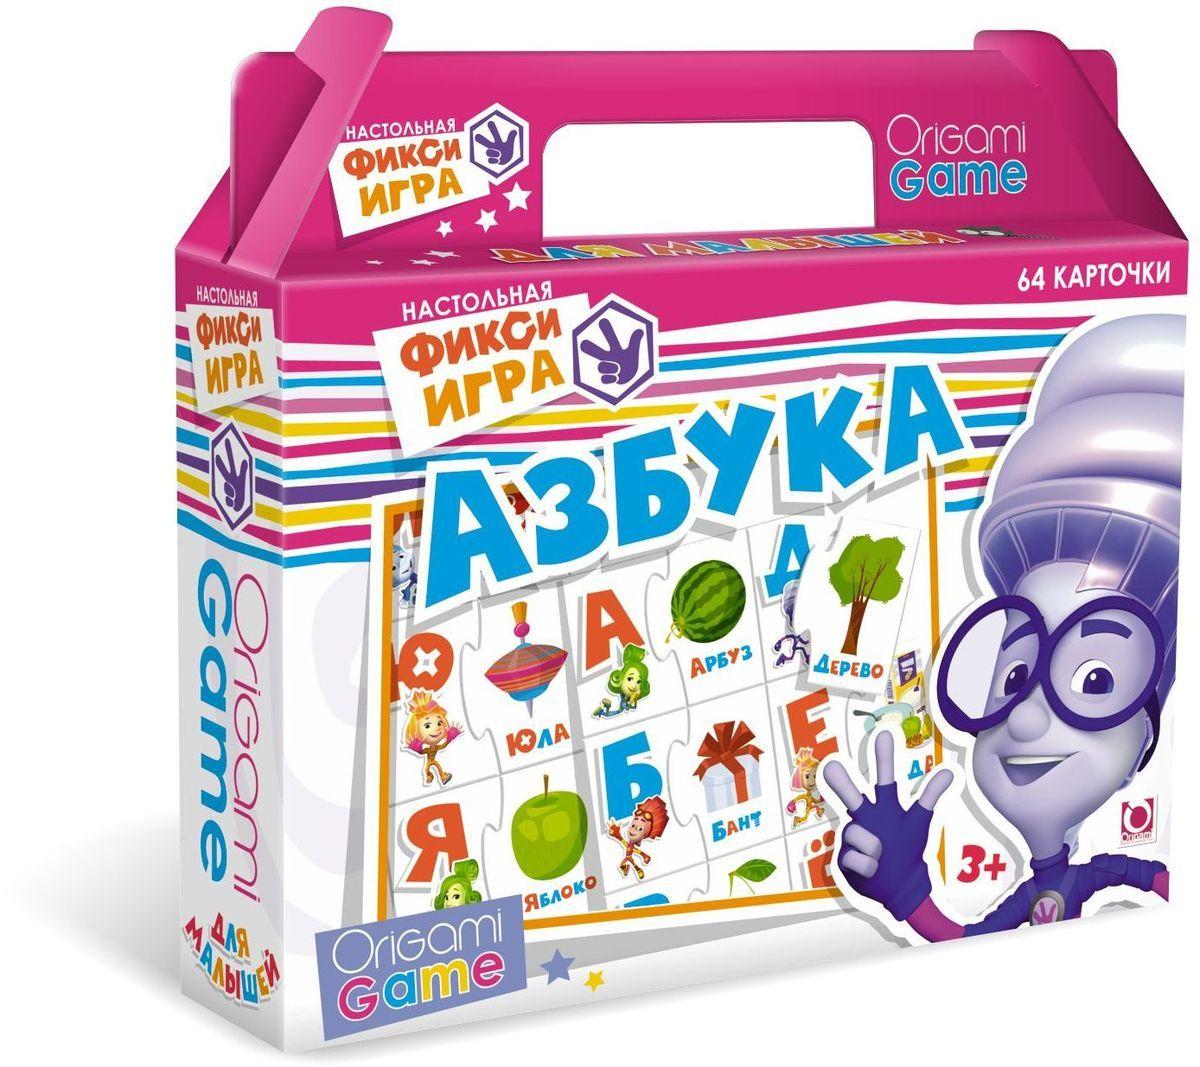 Оригами Обучающая игра Азбука 0053100531Настольная игра с героями мультсериала Фиксики станет увлекательным и познавательным приключением. а так же поможет ребёнку развить в игровой форме сообразительность, смекалку, научит считать , ассоциативно мыслить и стремиться к победе. В состав игры входит поле, карточки, фишки, кубик , рекомендуемый возраст 6+